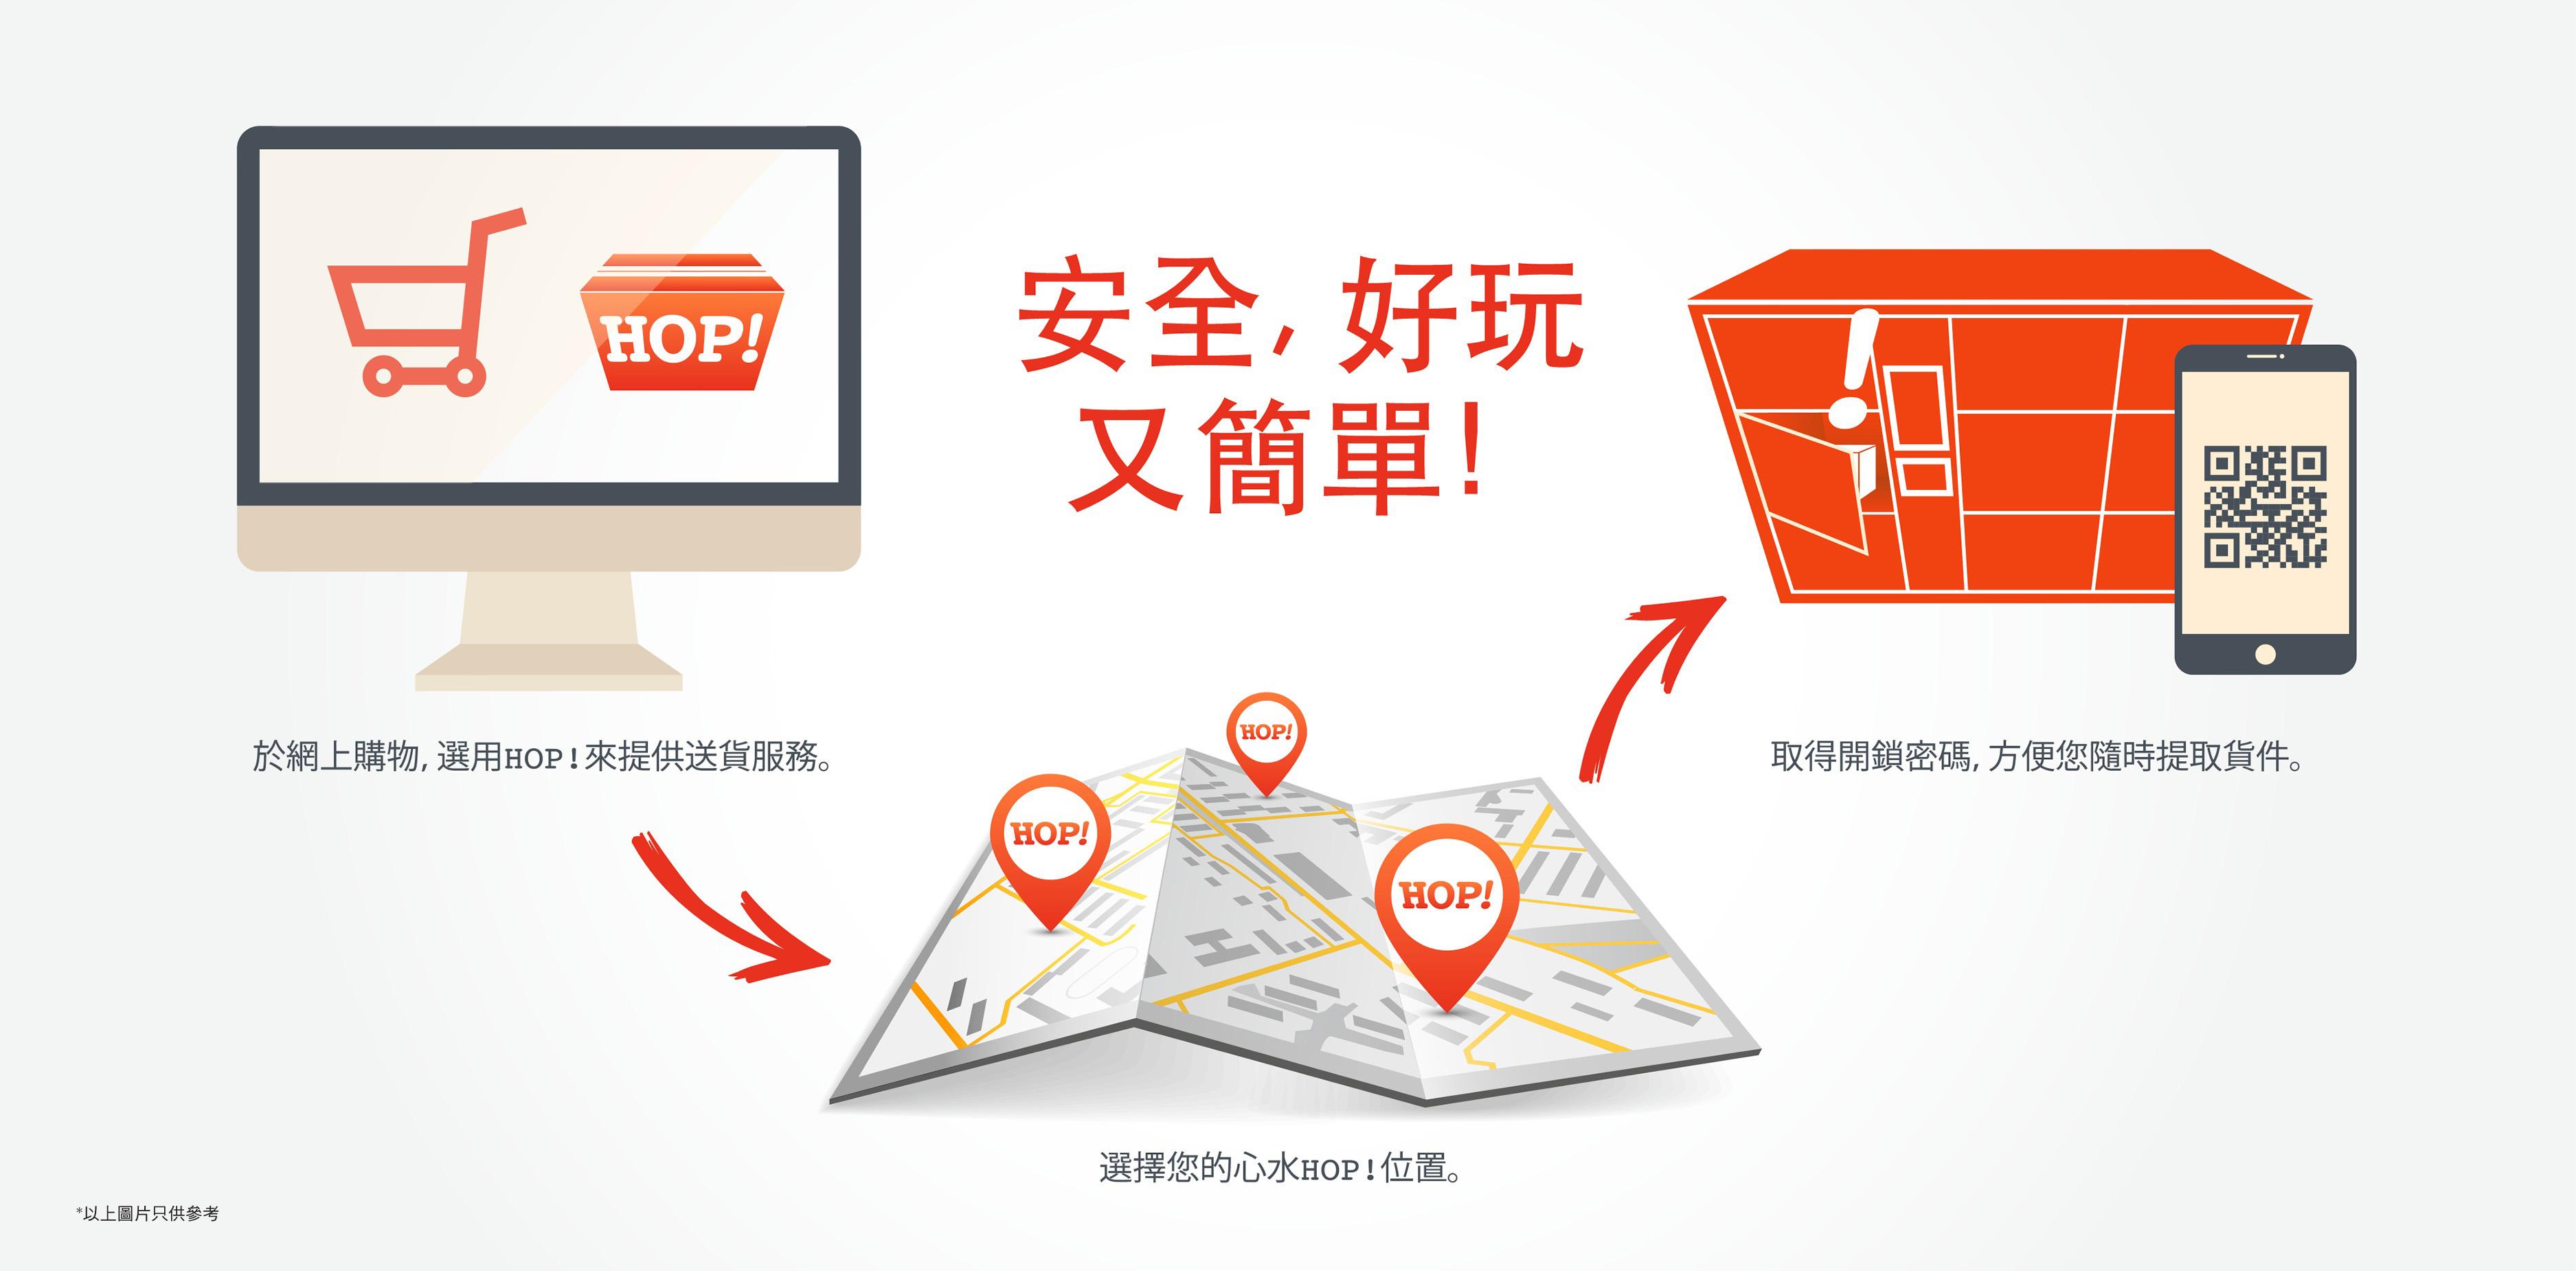 Shipbao 郵包轉運站 |美國集運|英國集運|日本集運|集運|轉運